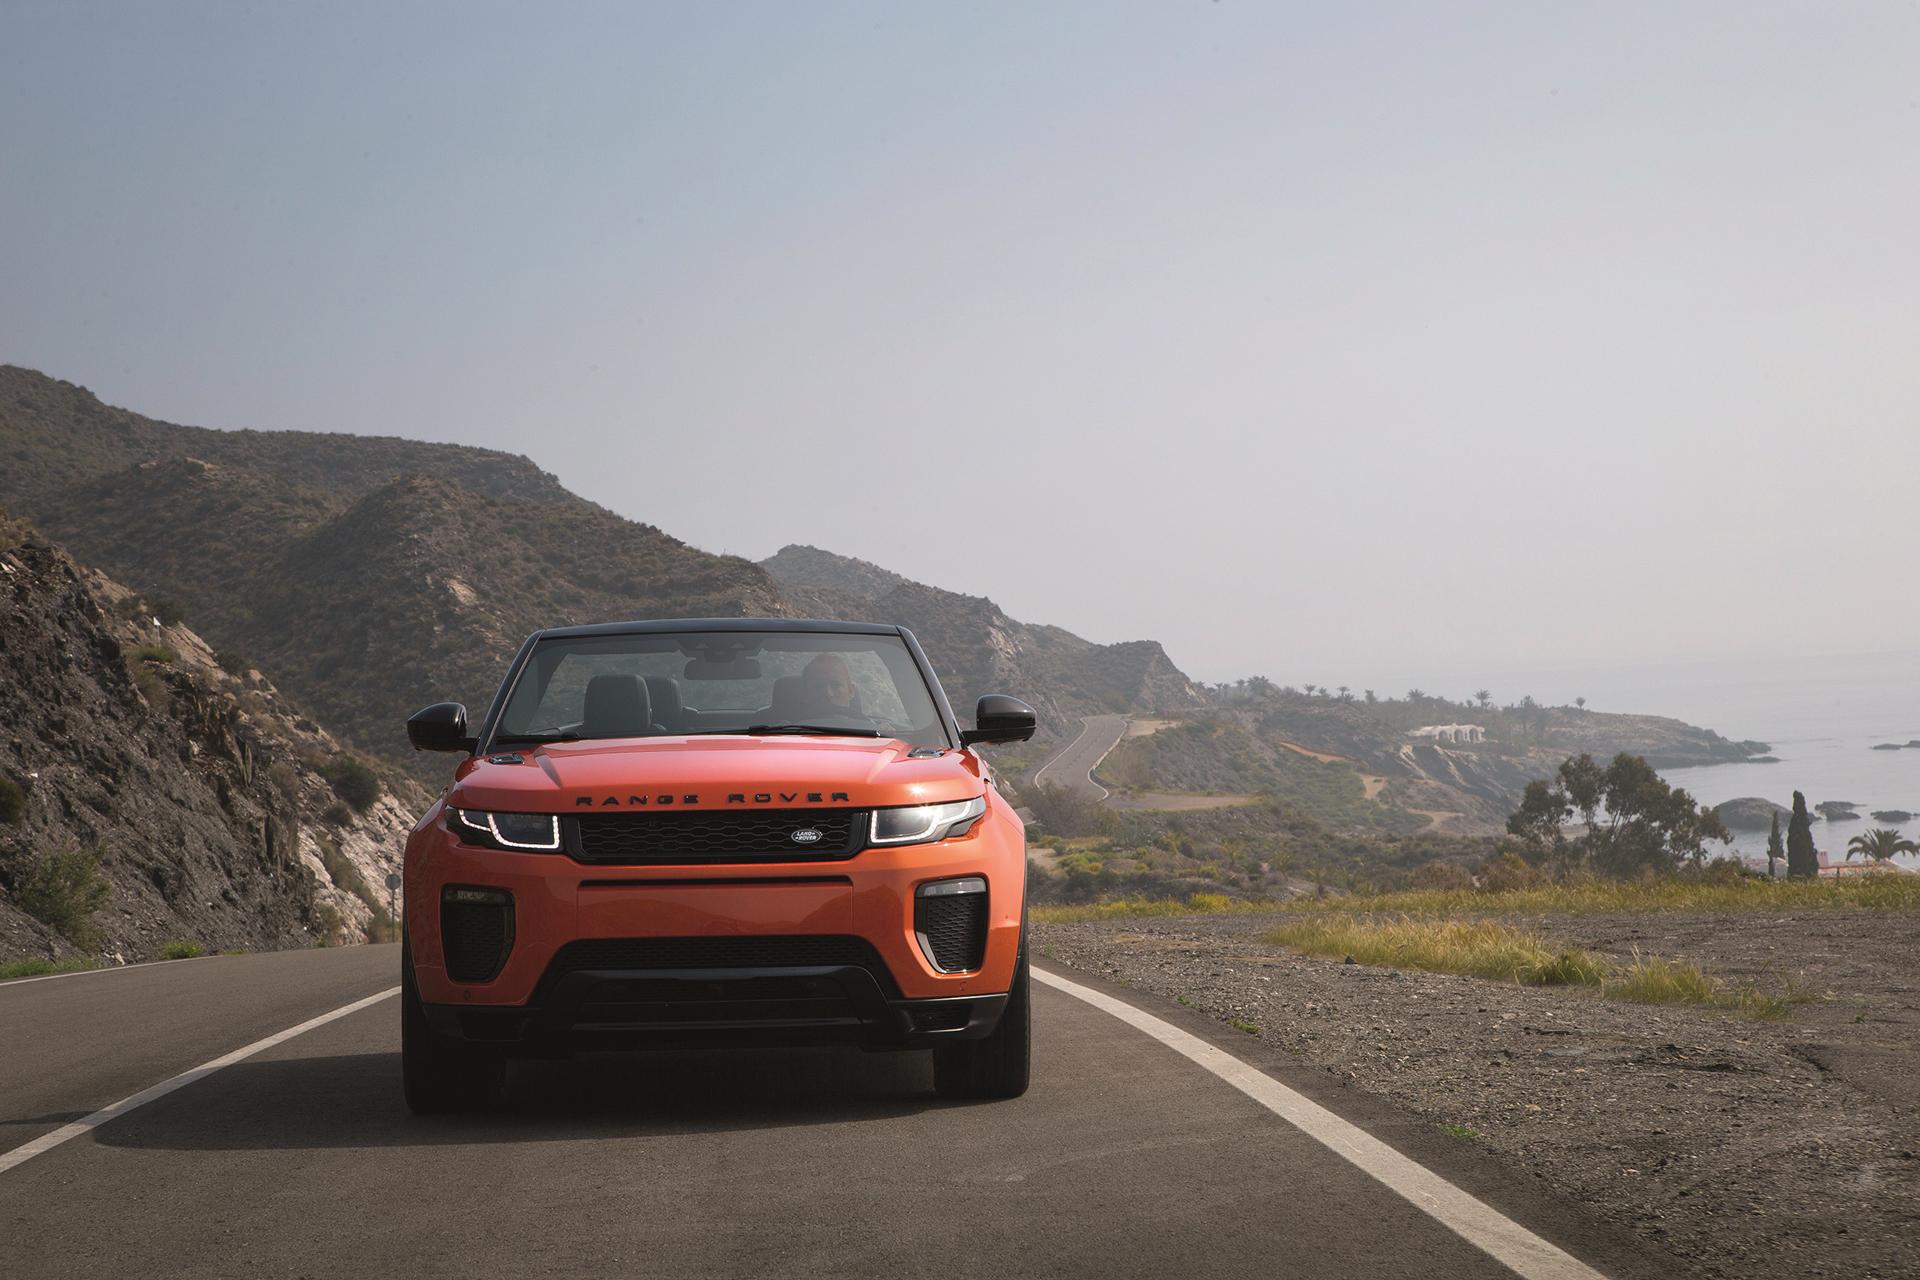 Land Rover Range Rover Evoque Convertible - avant / front